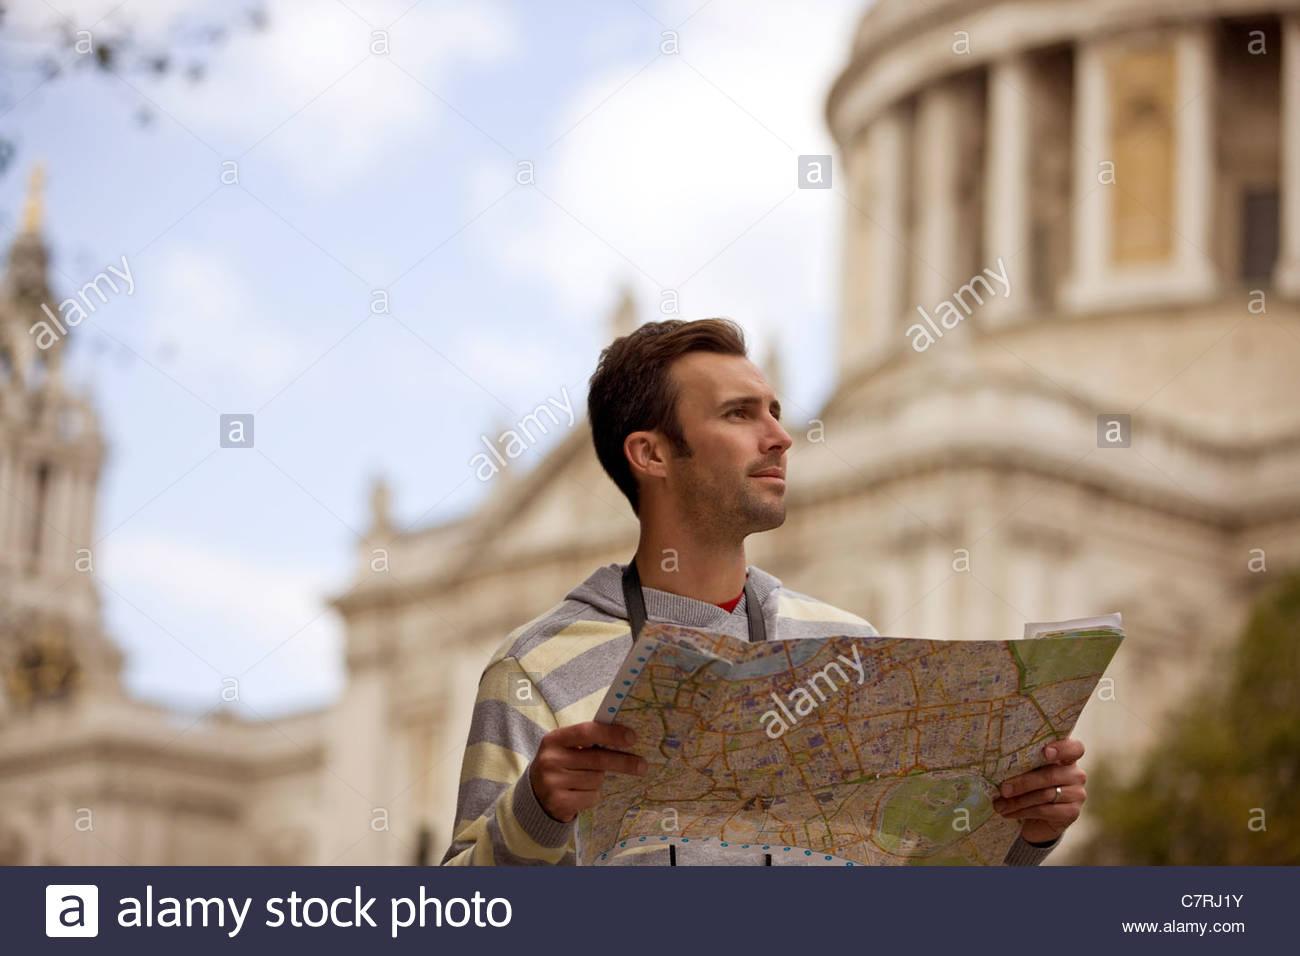 Ein Mid-Adult Mann stand vor der St. Pauls Cathedral, Blick auf eine Karte Stockbild